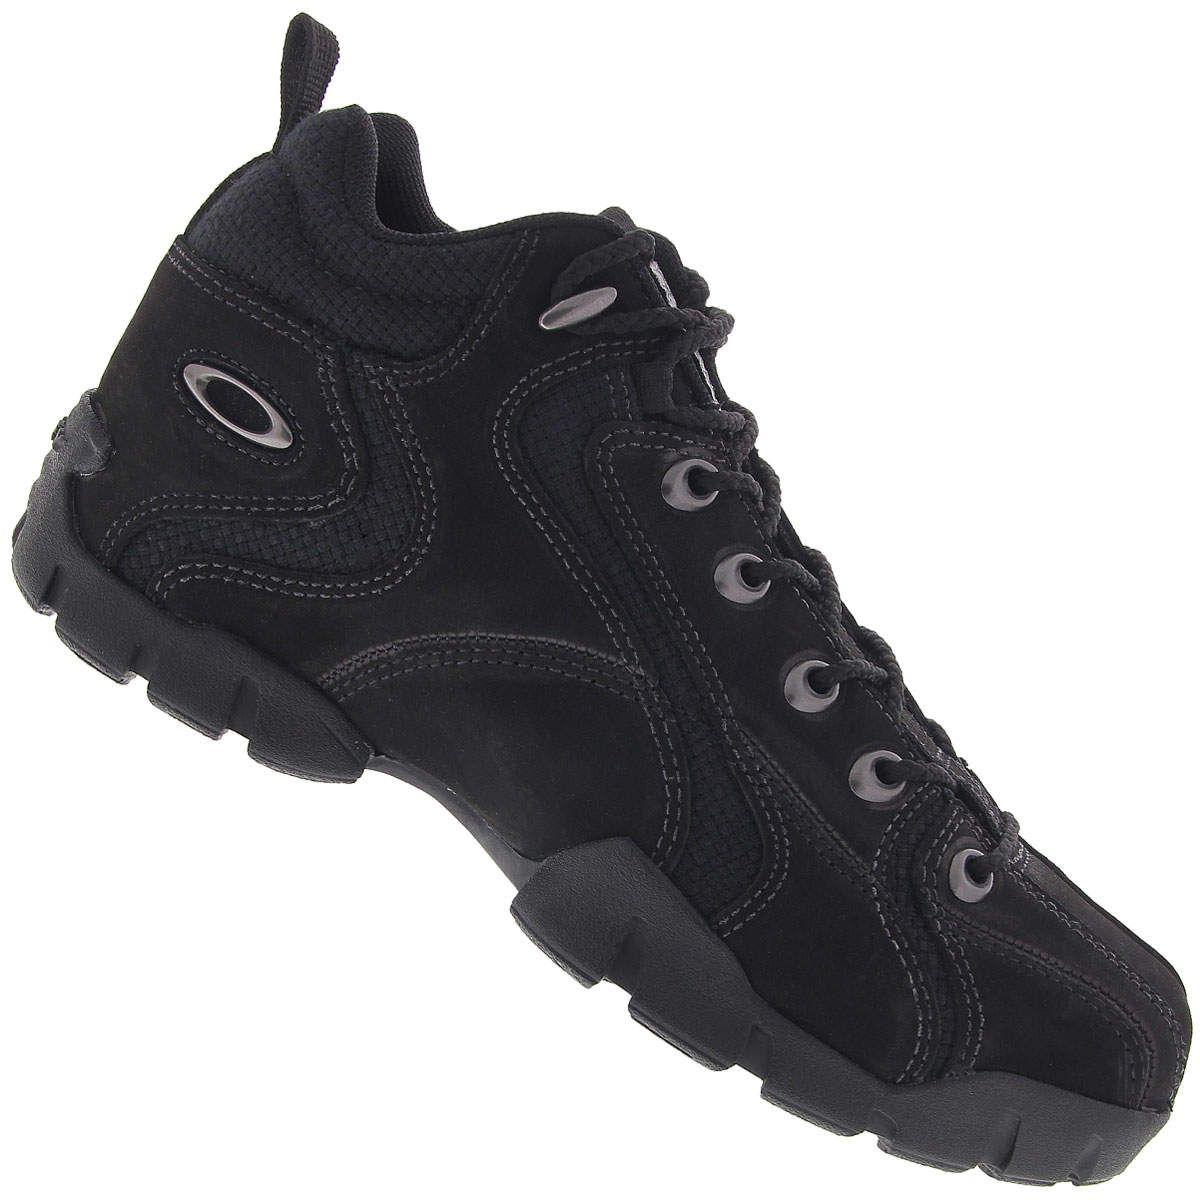 573a2b755ef39 Tênis Oakley Flak 1 MID 2 - Masculino   Shoes   Pinterest   Oakley ...